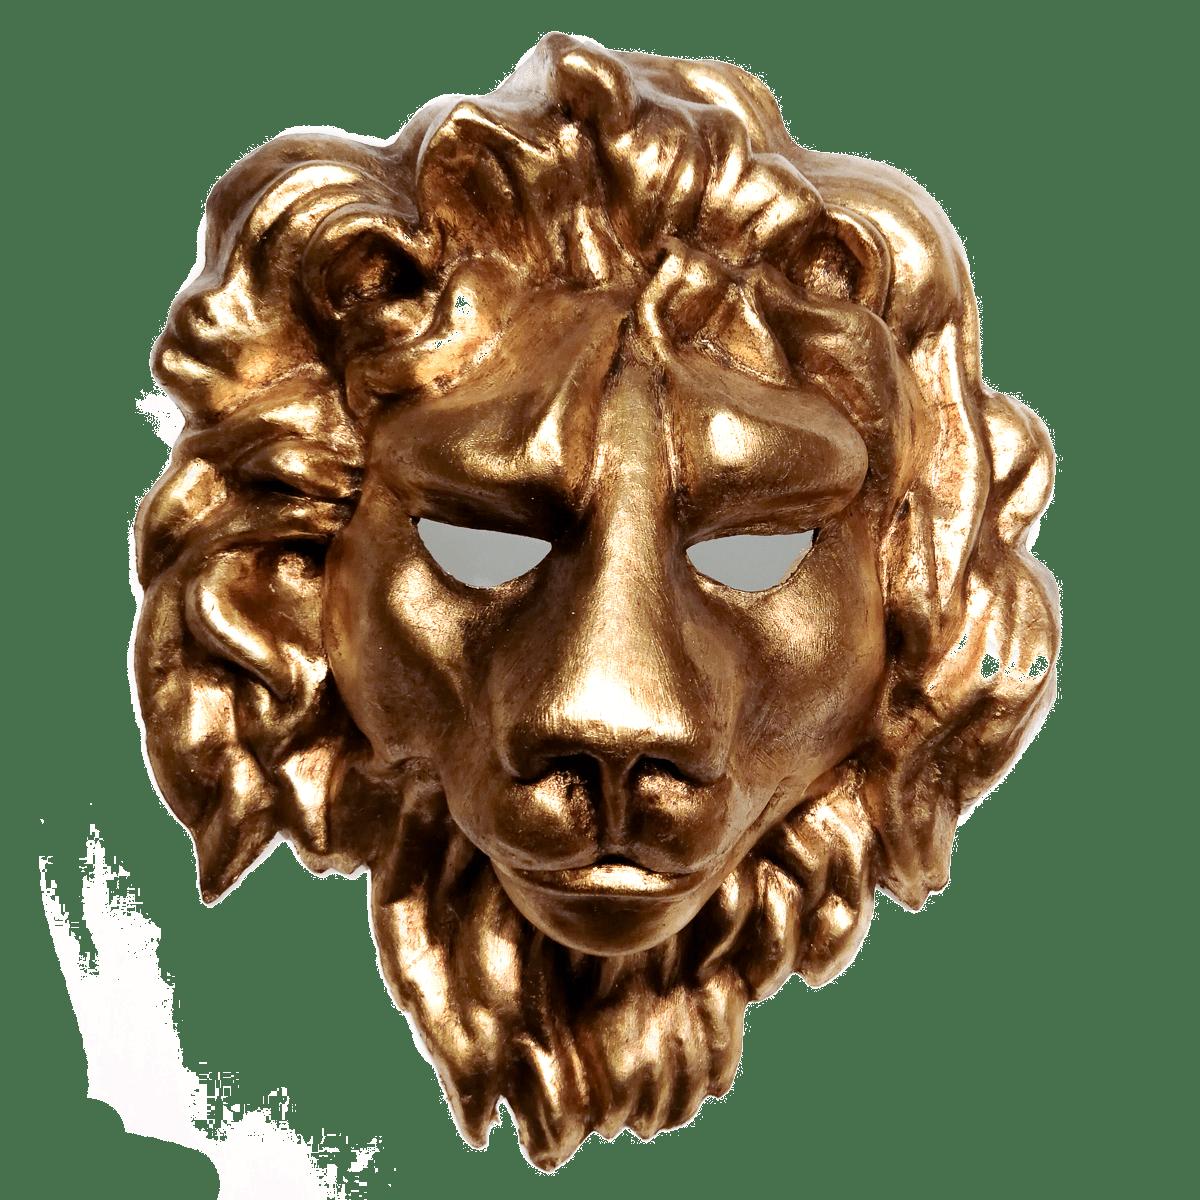 https://i1.wp.com/www.masksvenice.com/wp-content/uploads/2018/08/maschera-leone-1.png?fit=1200%2C1200&ssl=1